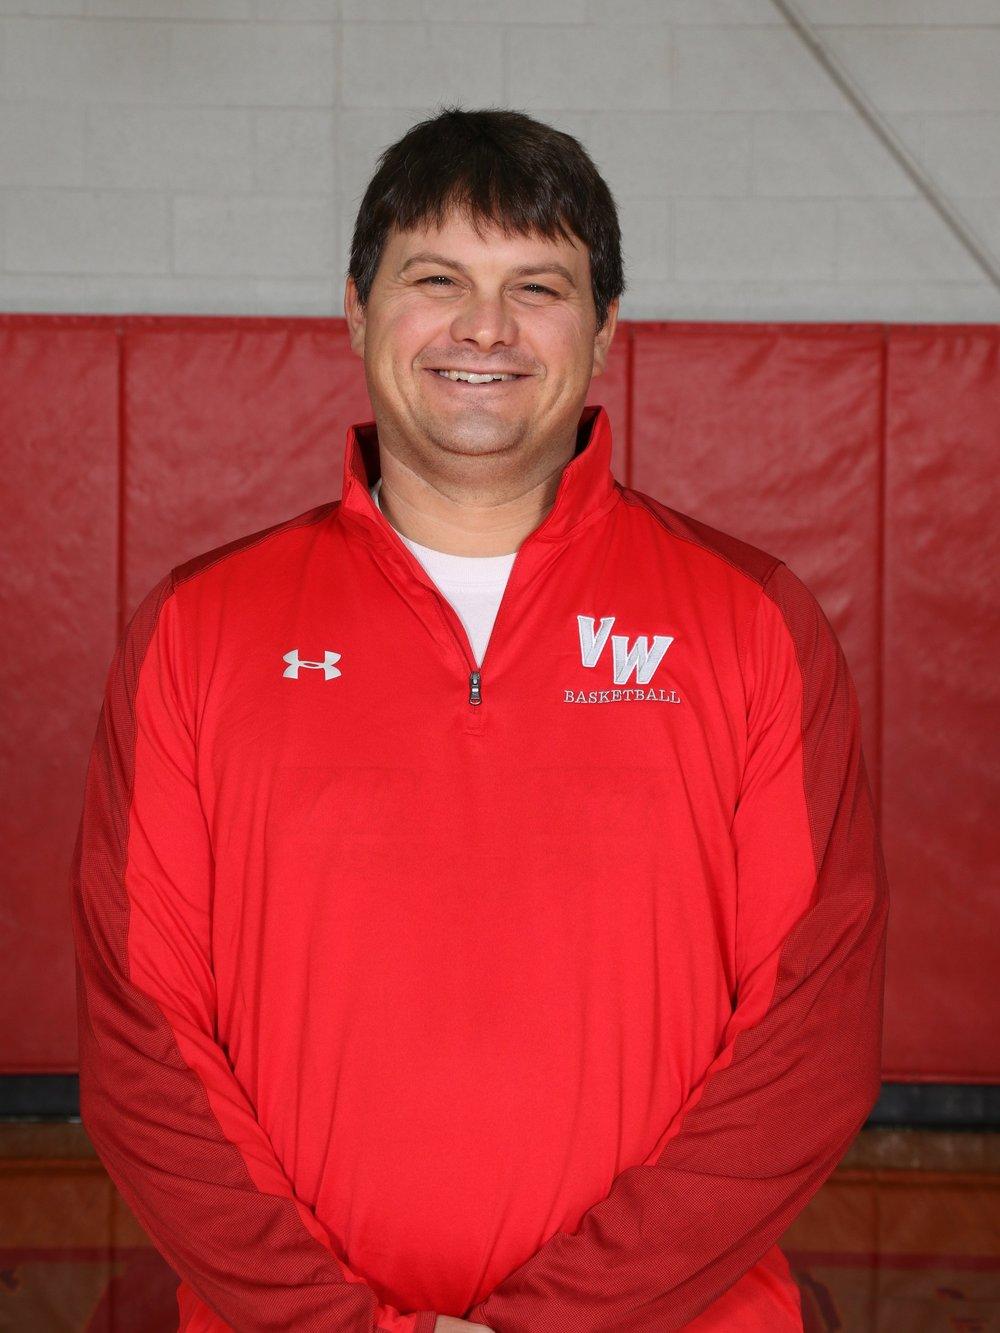 Coach Chris Covey